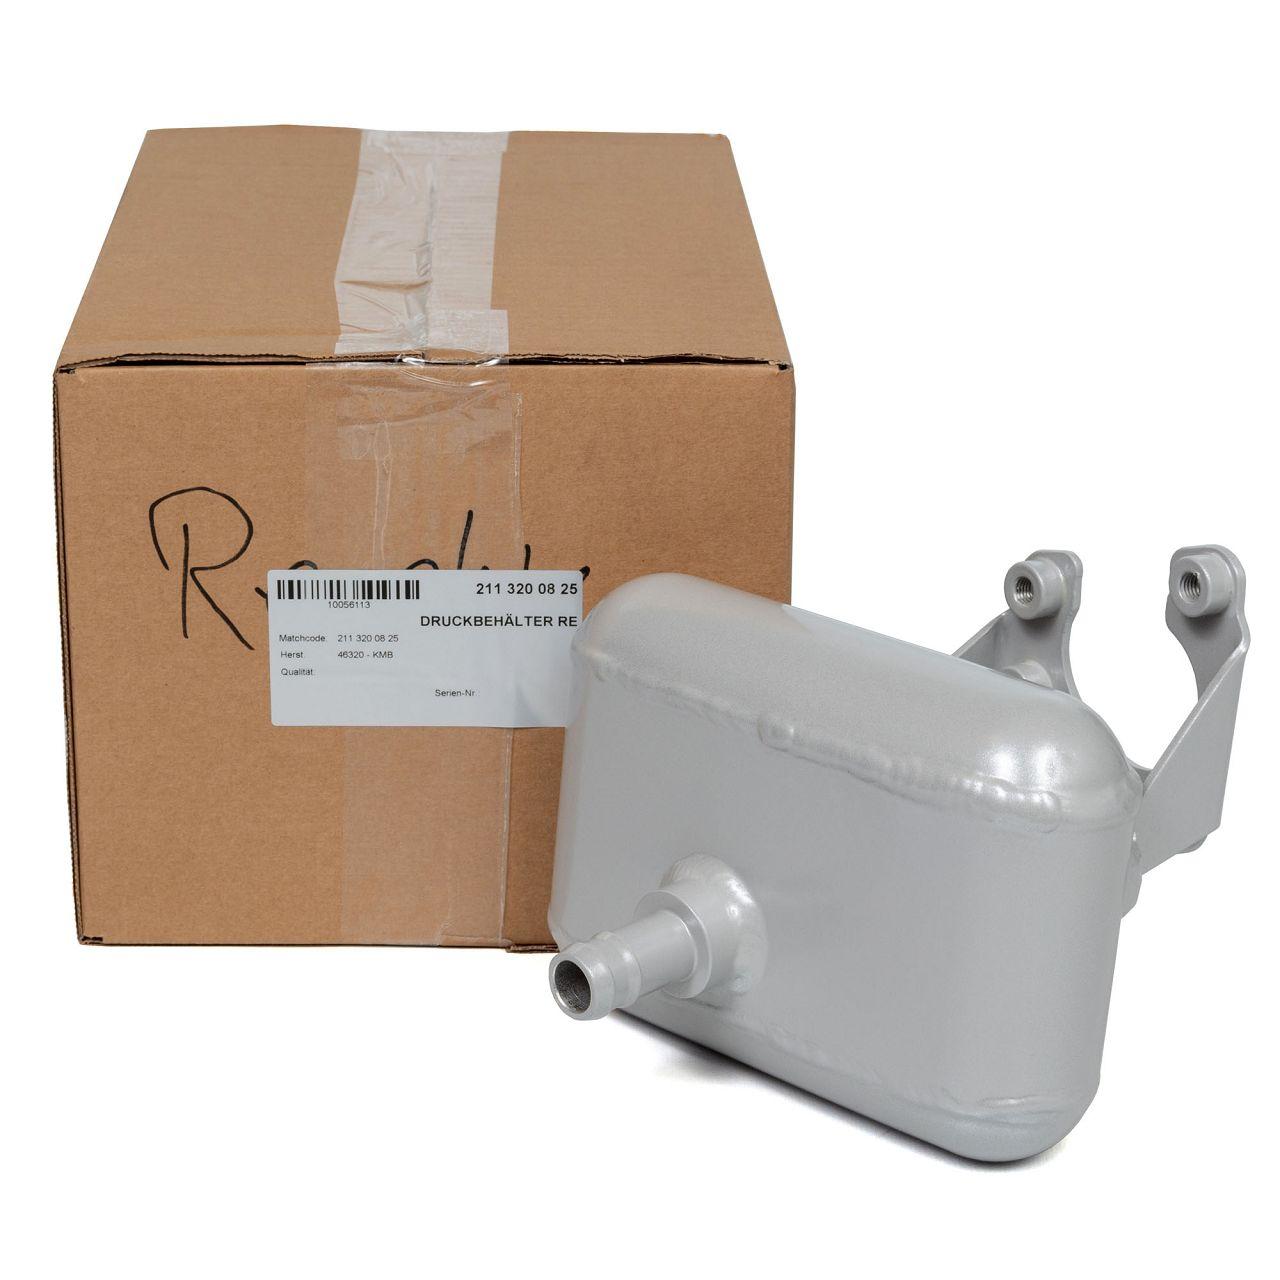 Druckbehälter Hydrospeicher Airmatik für MERCEDES C219 W211 S211 hinten rechts